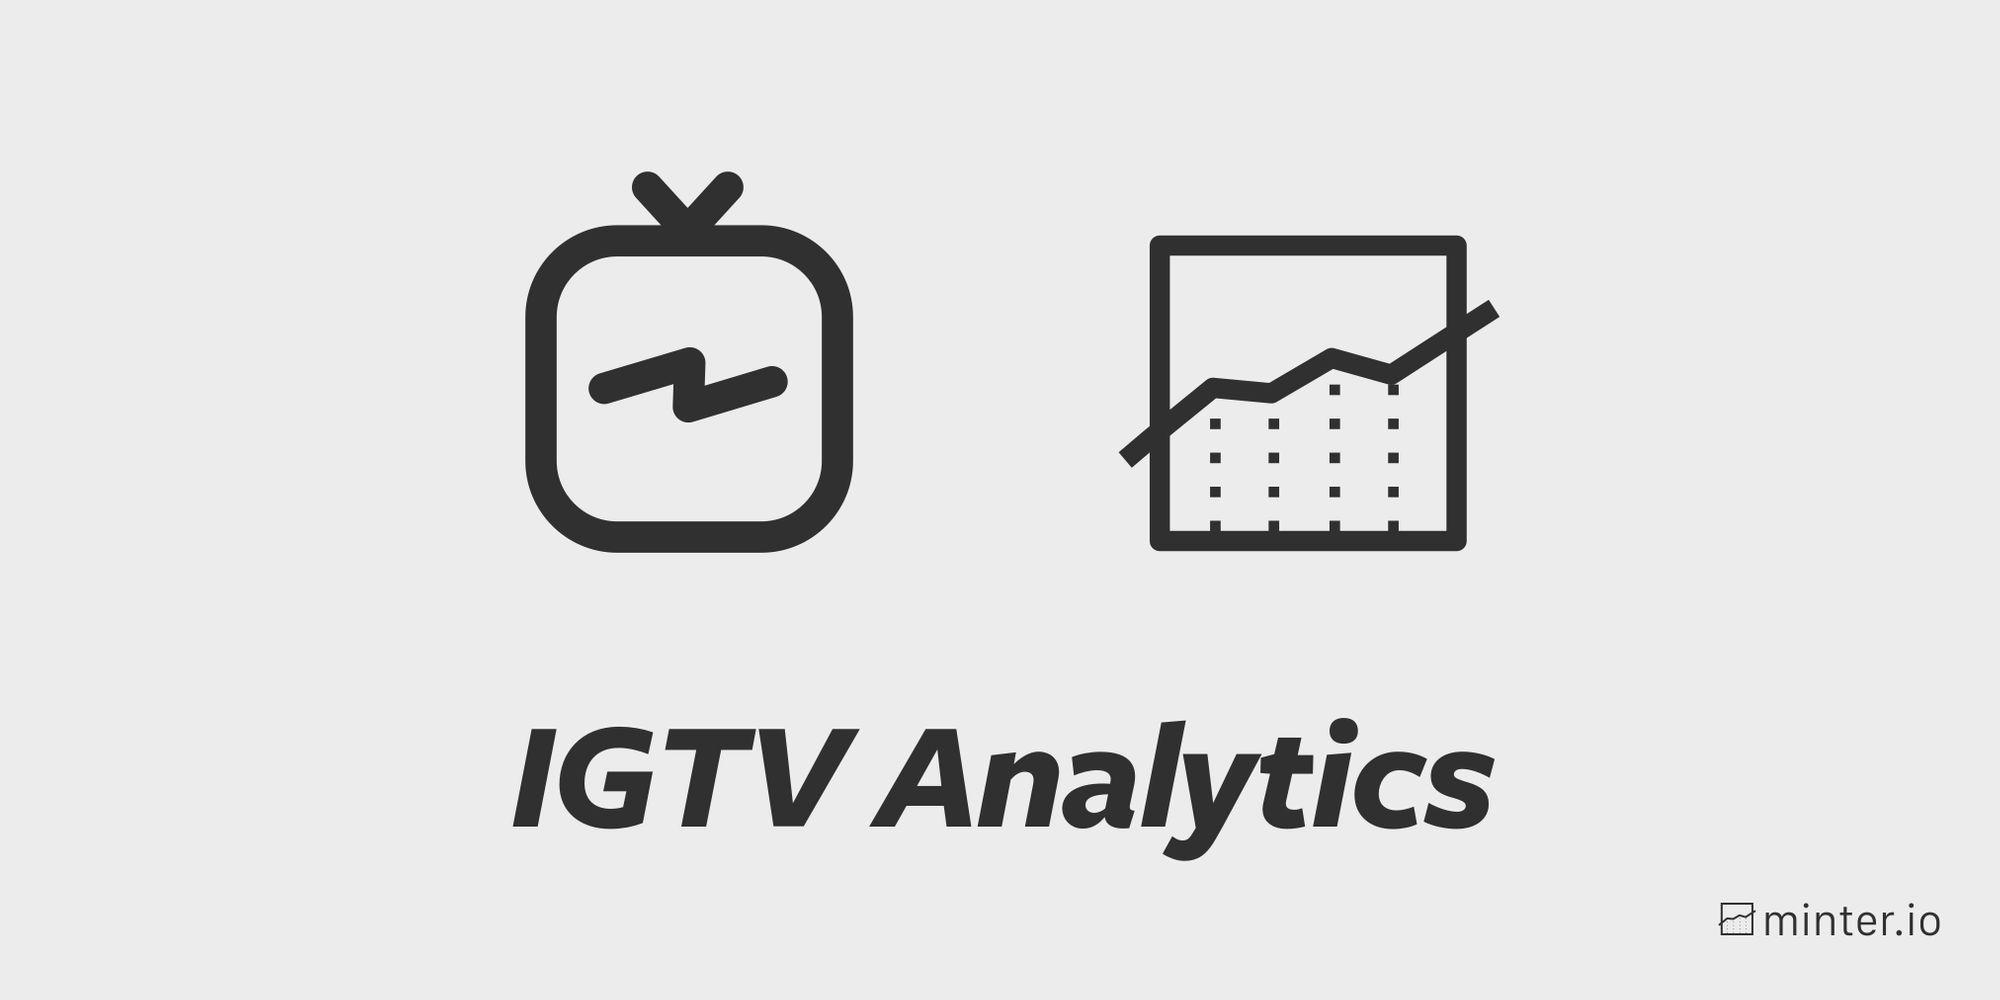 IGTV analytics